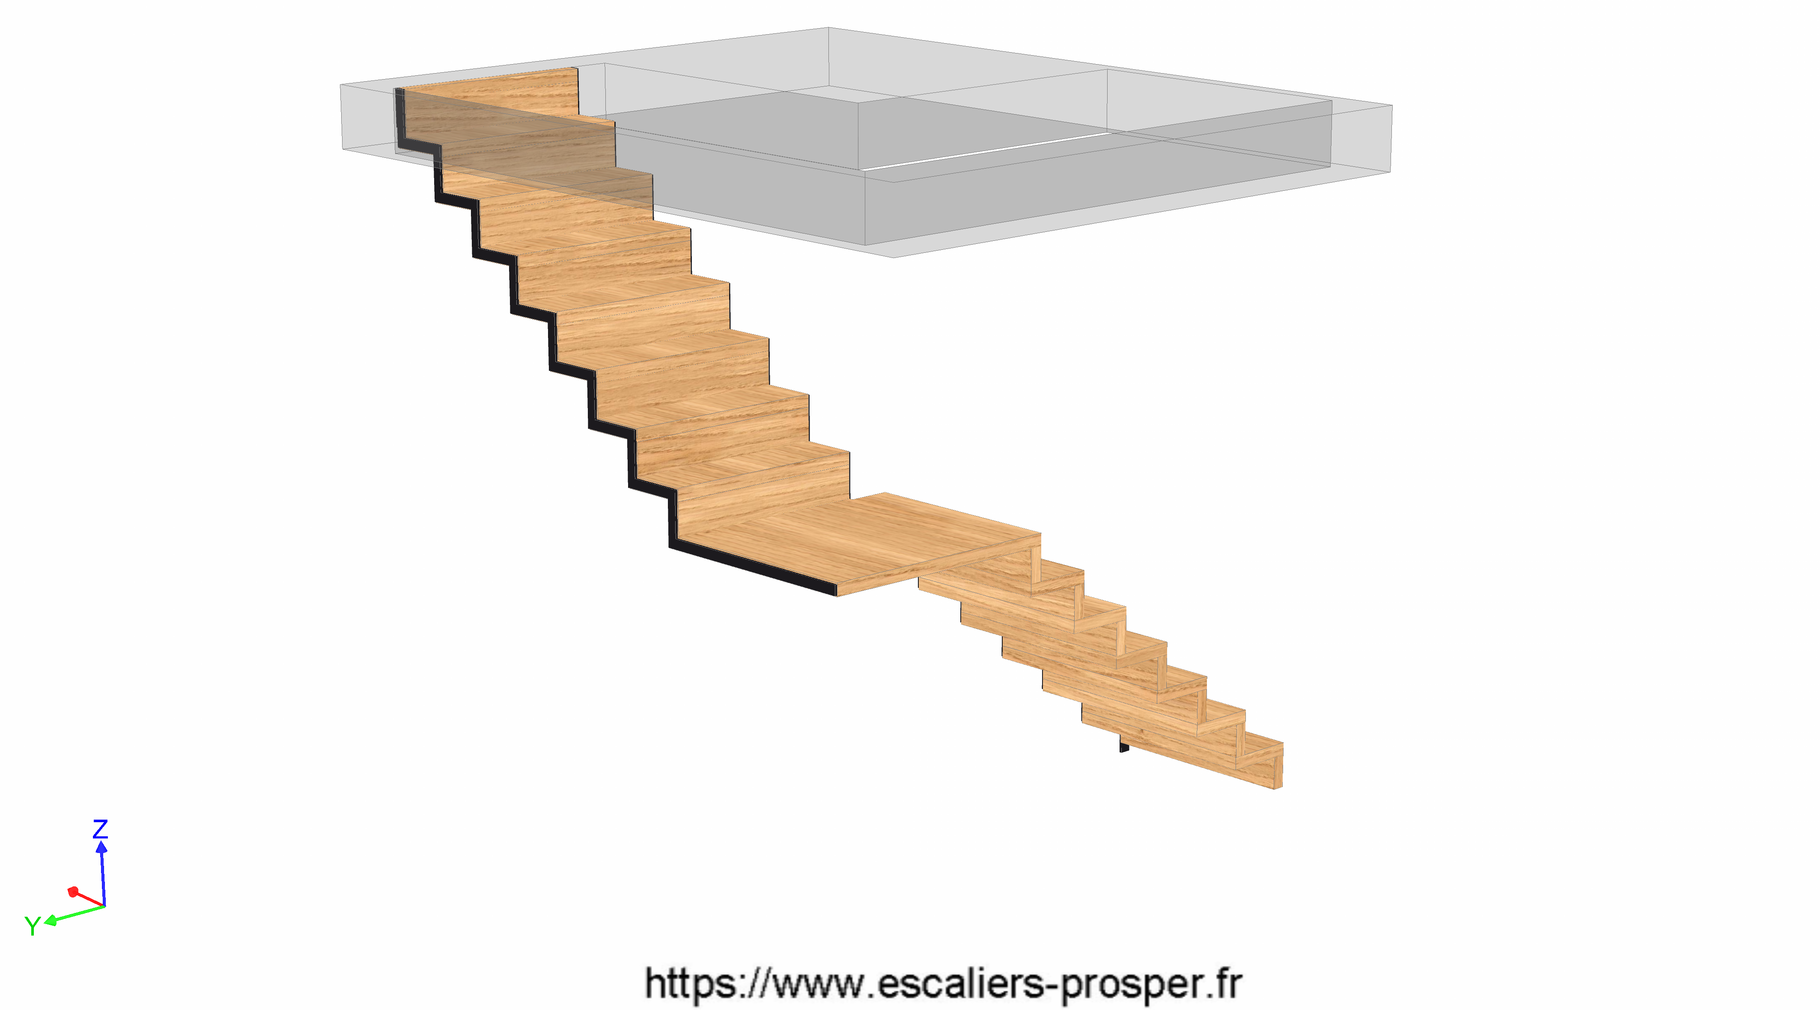 escalier en l en cr maill re pleine e15 180 escaliers prosper sp cialiste de la conception. Black Bedroom Furniture Sets. Home Design Ideas